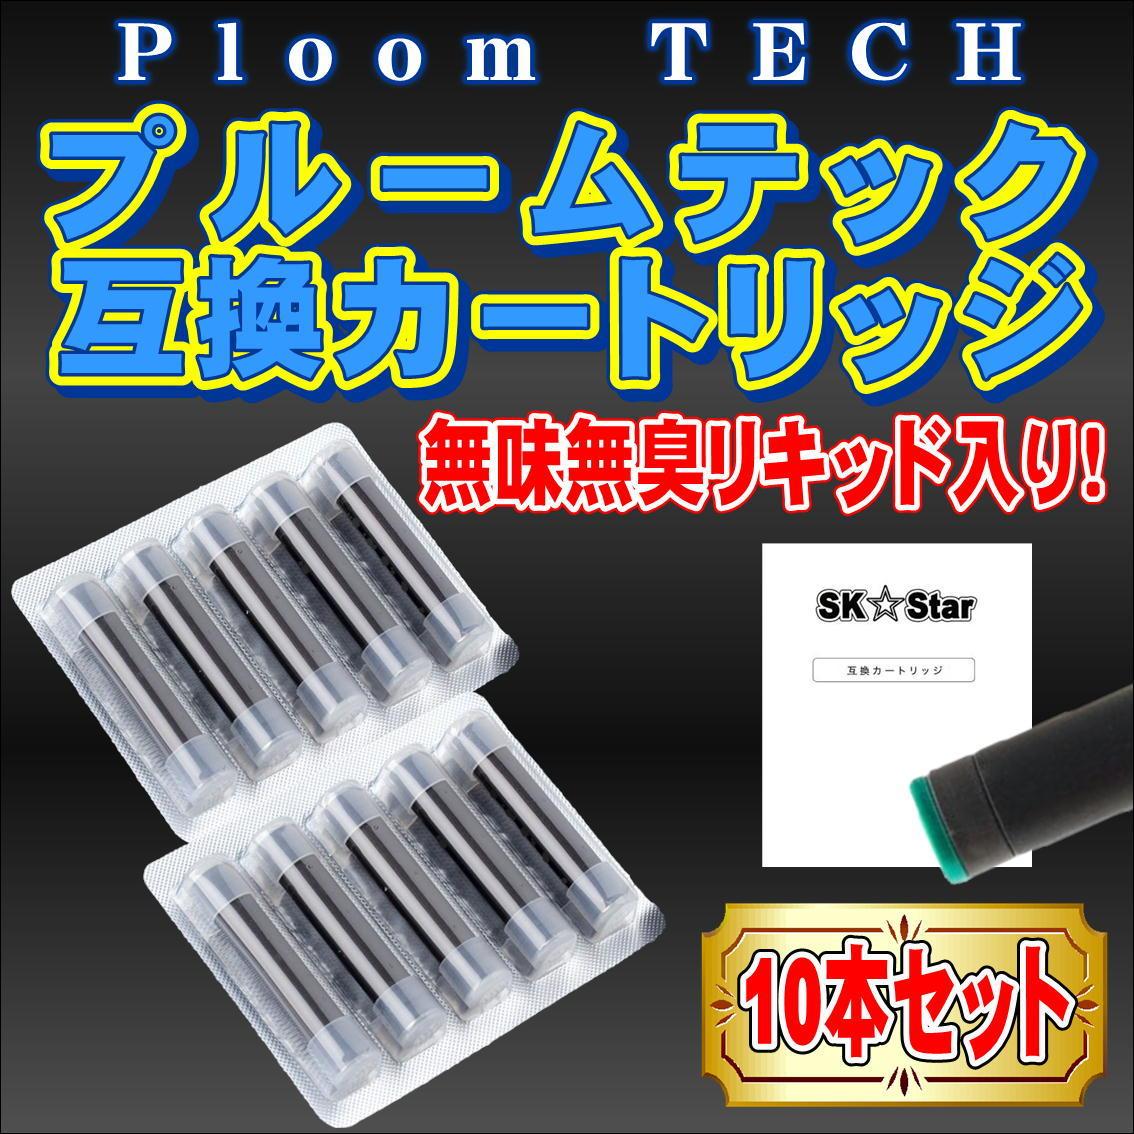 プルームテック カートリッジ タバコ アクセサリー リキッド たばこカプセル が余る方に・・・ 無味無臭 リキッド 入り Ploom TECH プルームテック 互換カートリッジ 10本セット